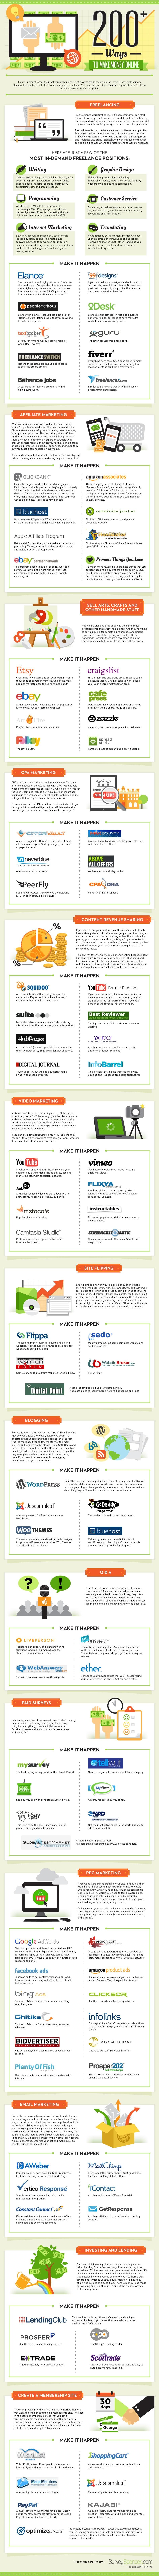 200 Ways to Earn online infogram